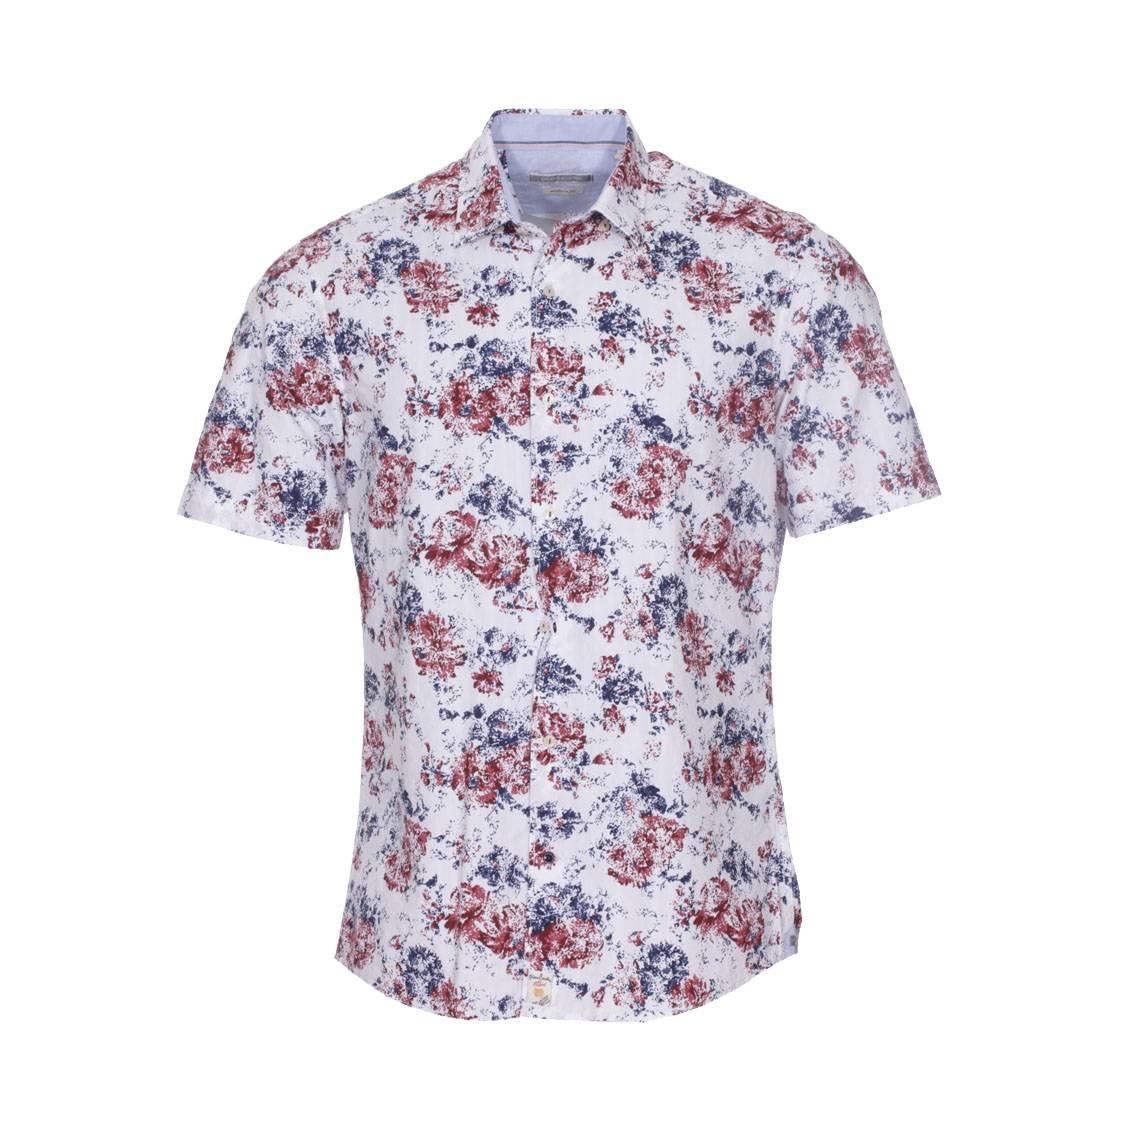 Chemise ajustée  en coton blanc à motifs fleuris bleu marine et rouges